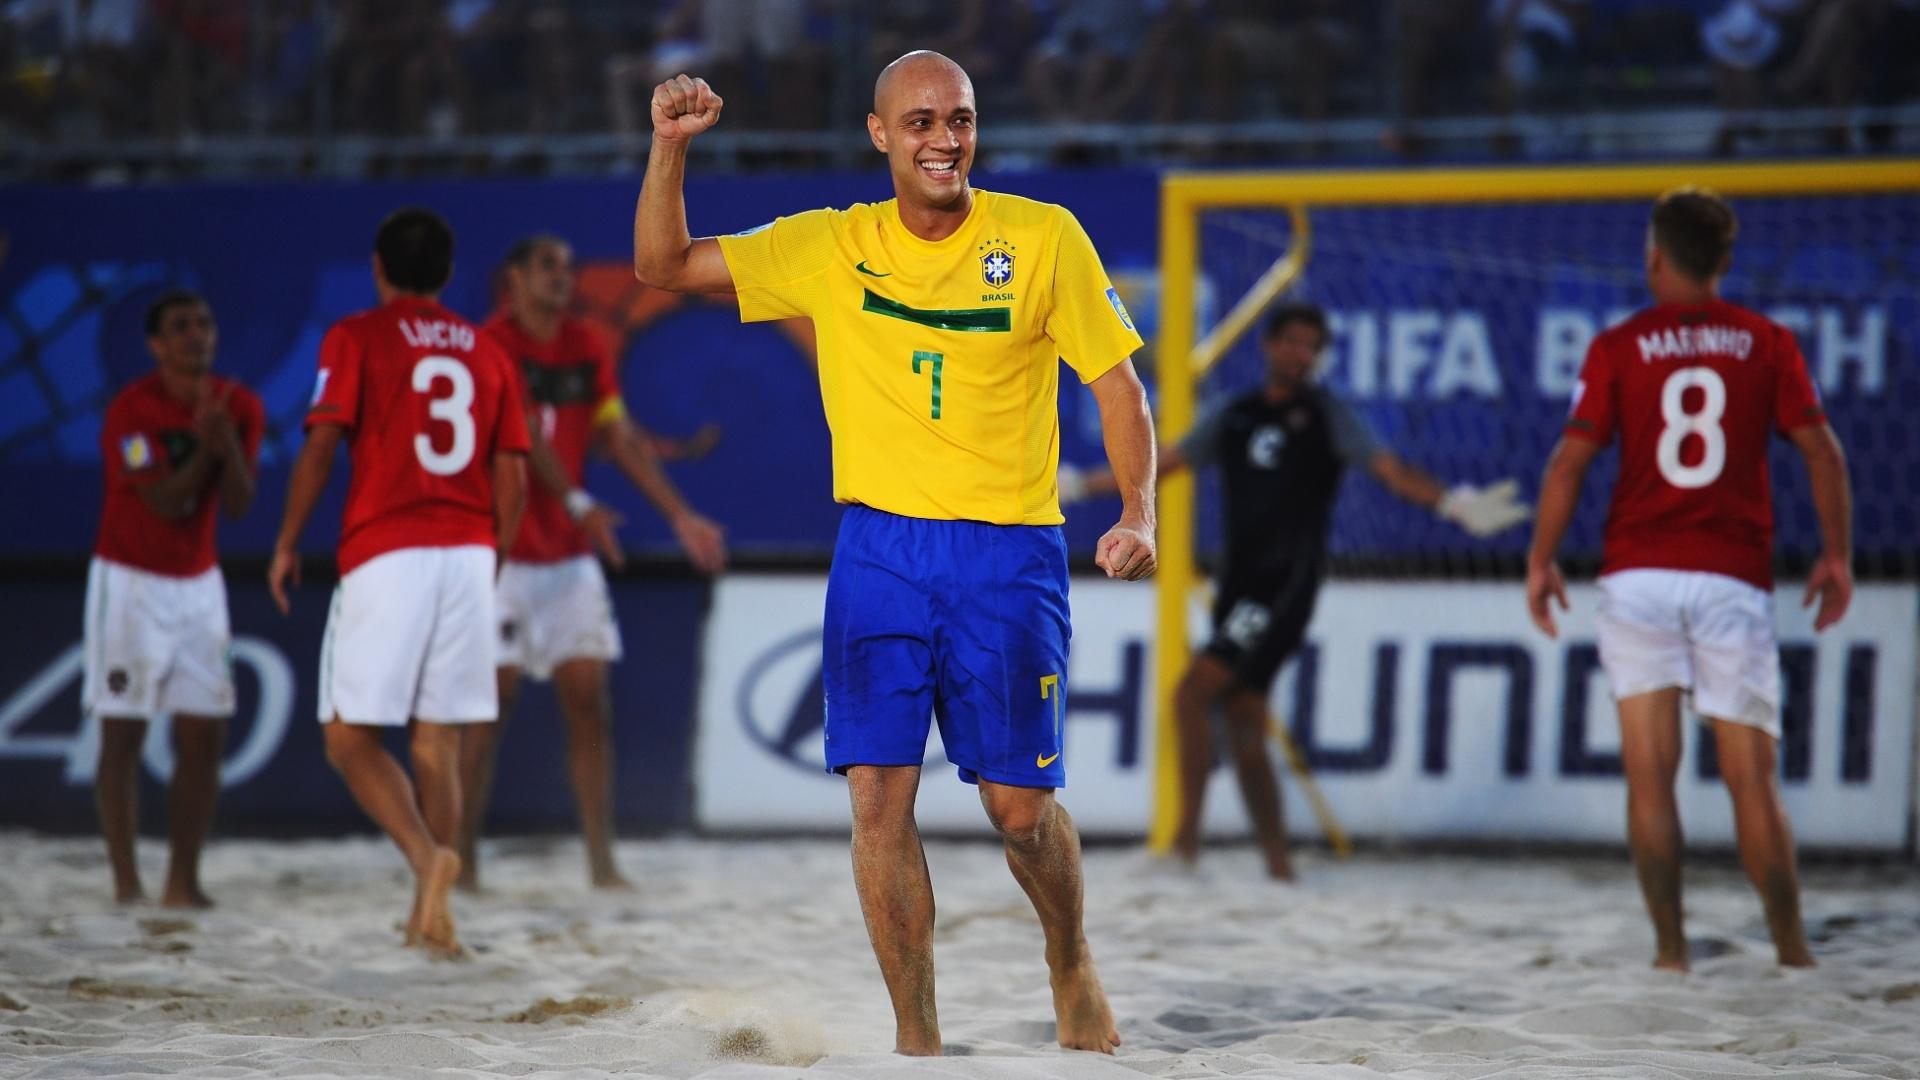 Sidney comemora a vitória do Brasil por 4x1 contra Portugal pelo Mundial de futebol de areia, em Ravenna, Itália (10/9/11)